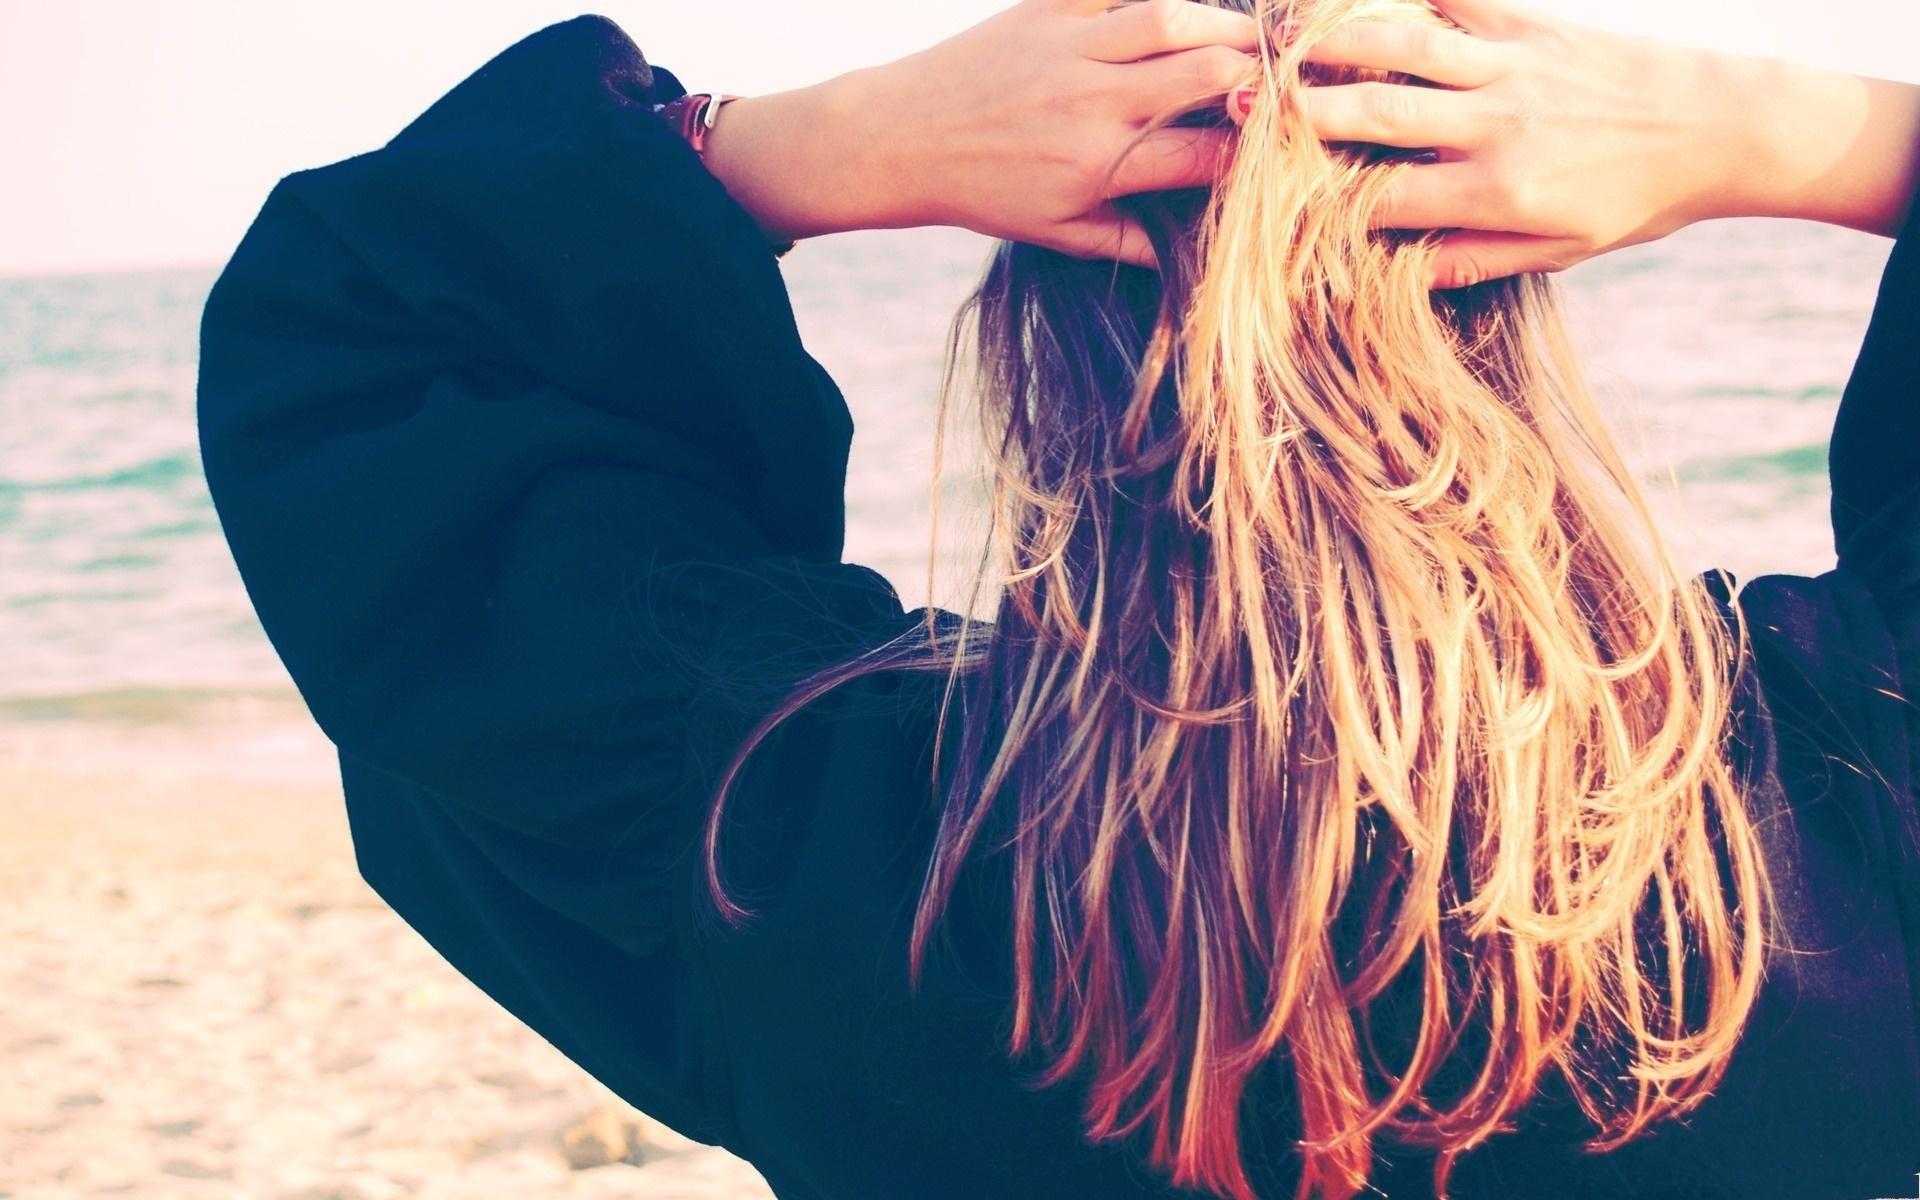 Фотографии блондинок сзади 8 фотография